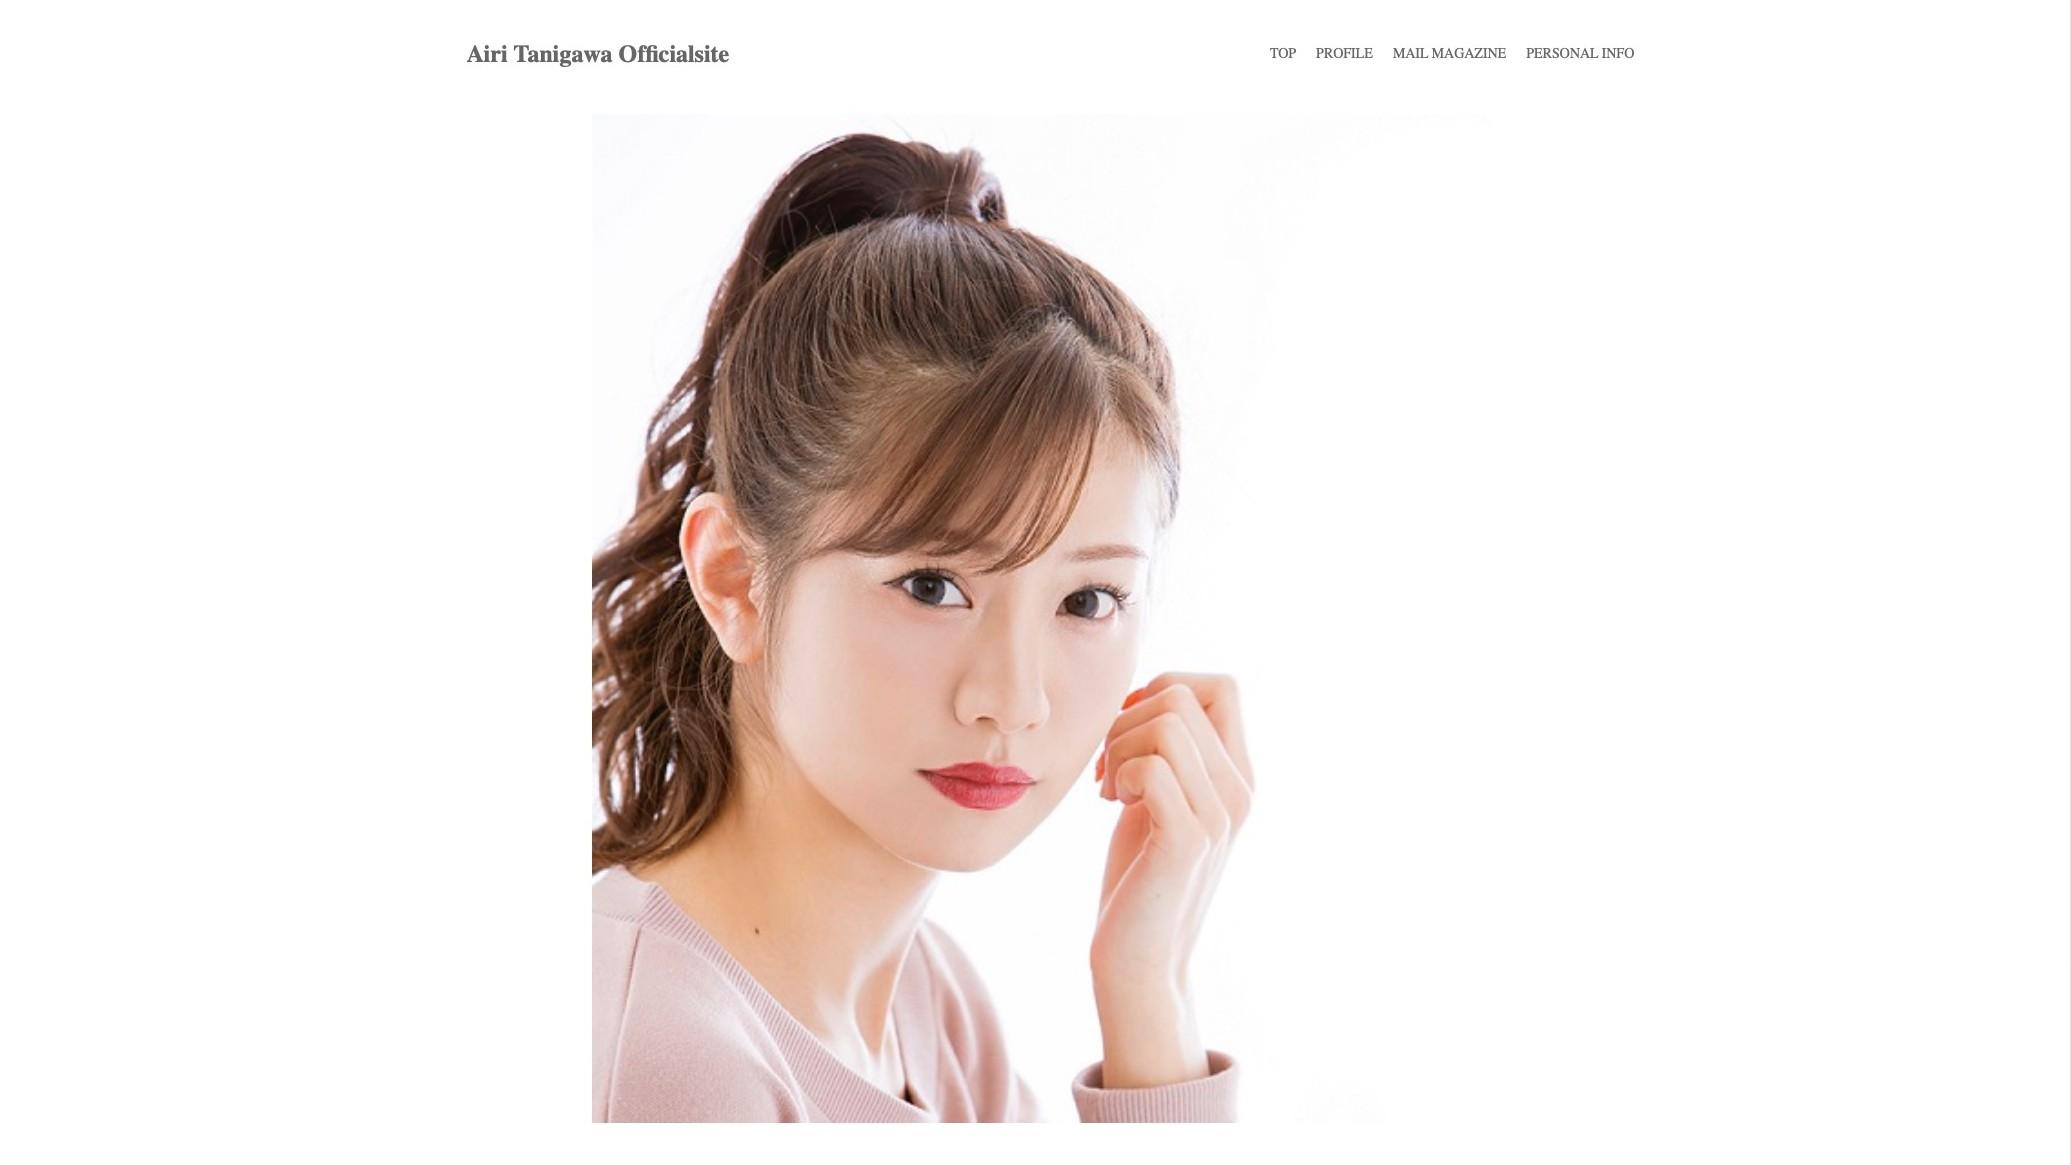 【谷川愛梨】あいりのプロフィールが株式会社Showtitleに掲載。HPもオープン。